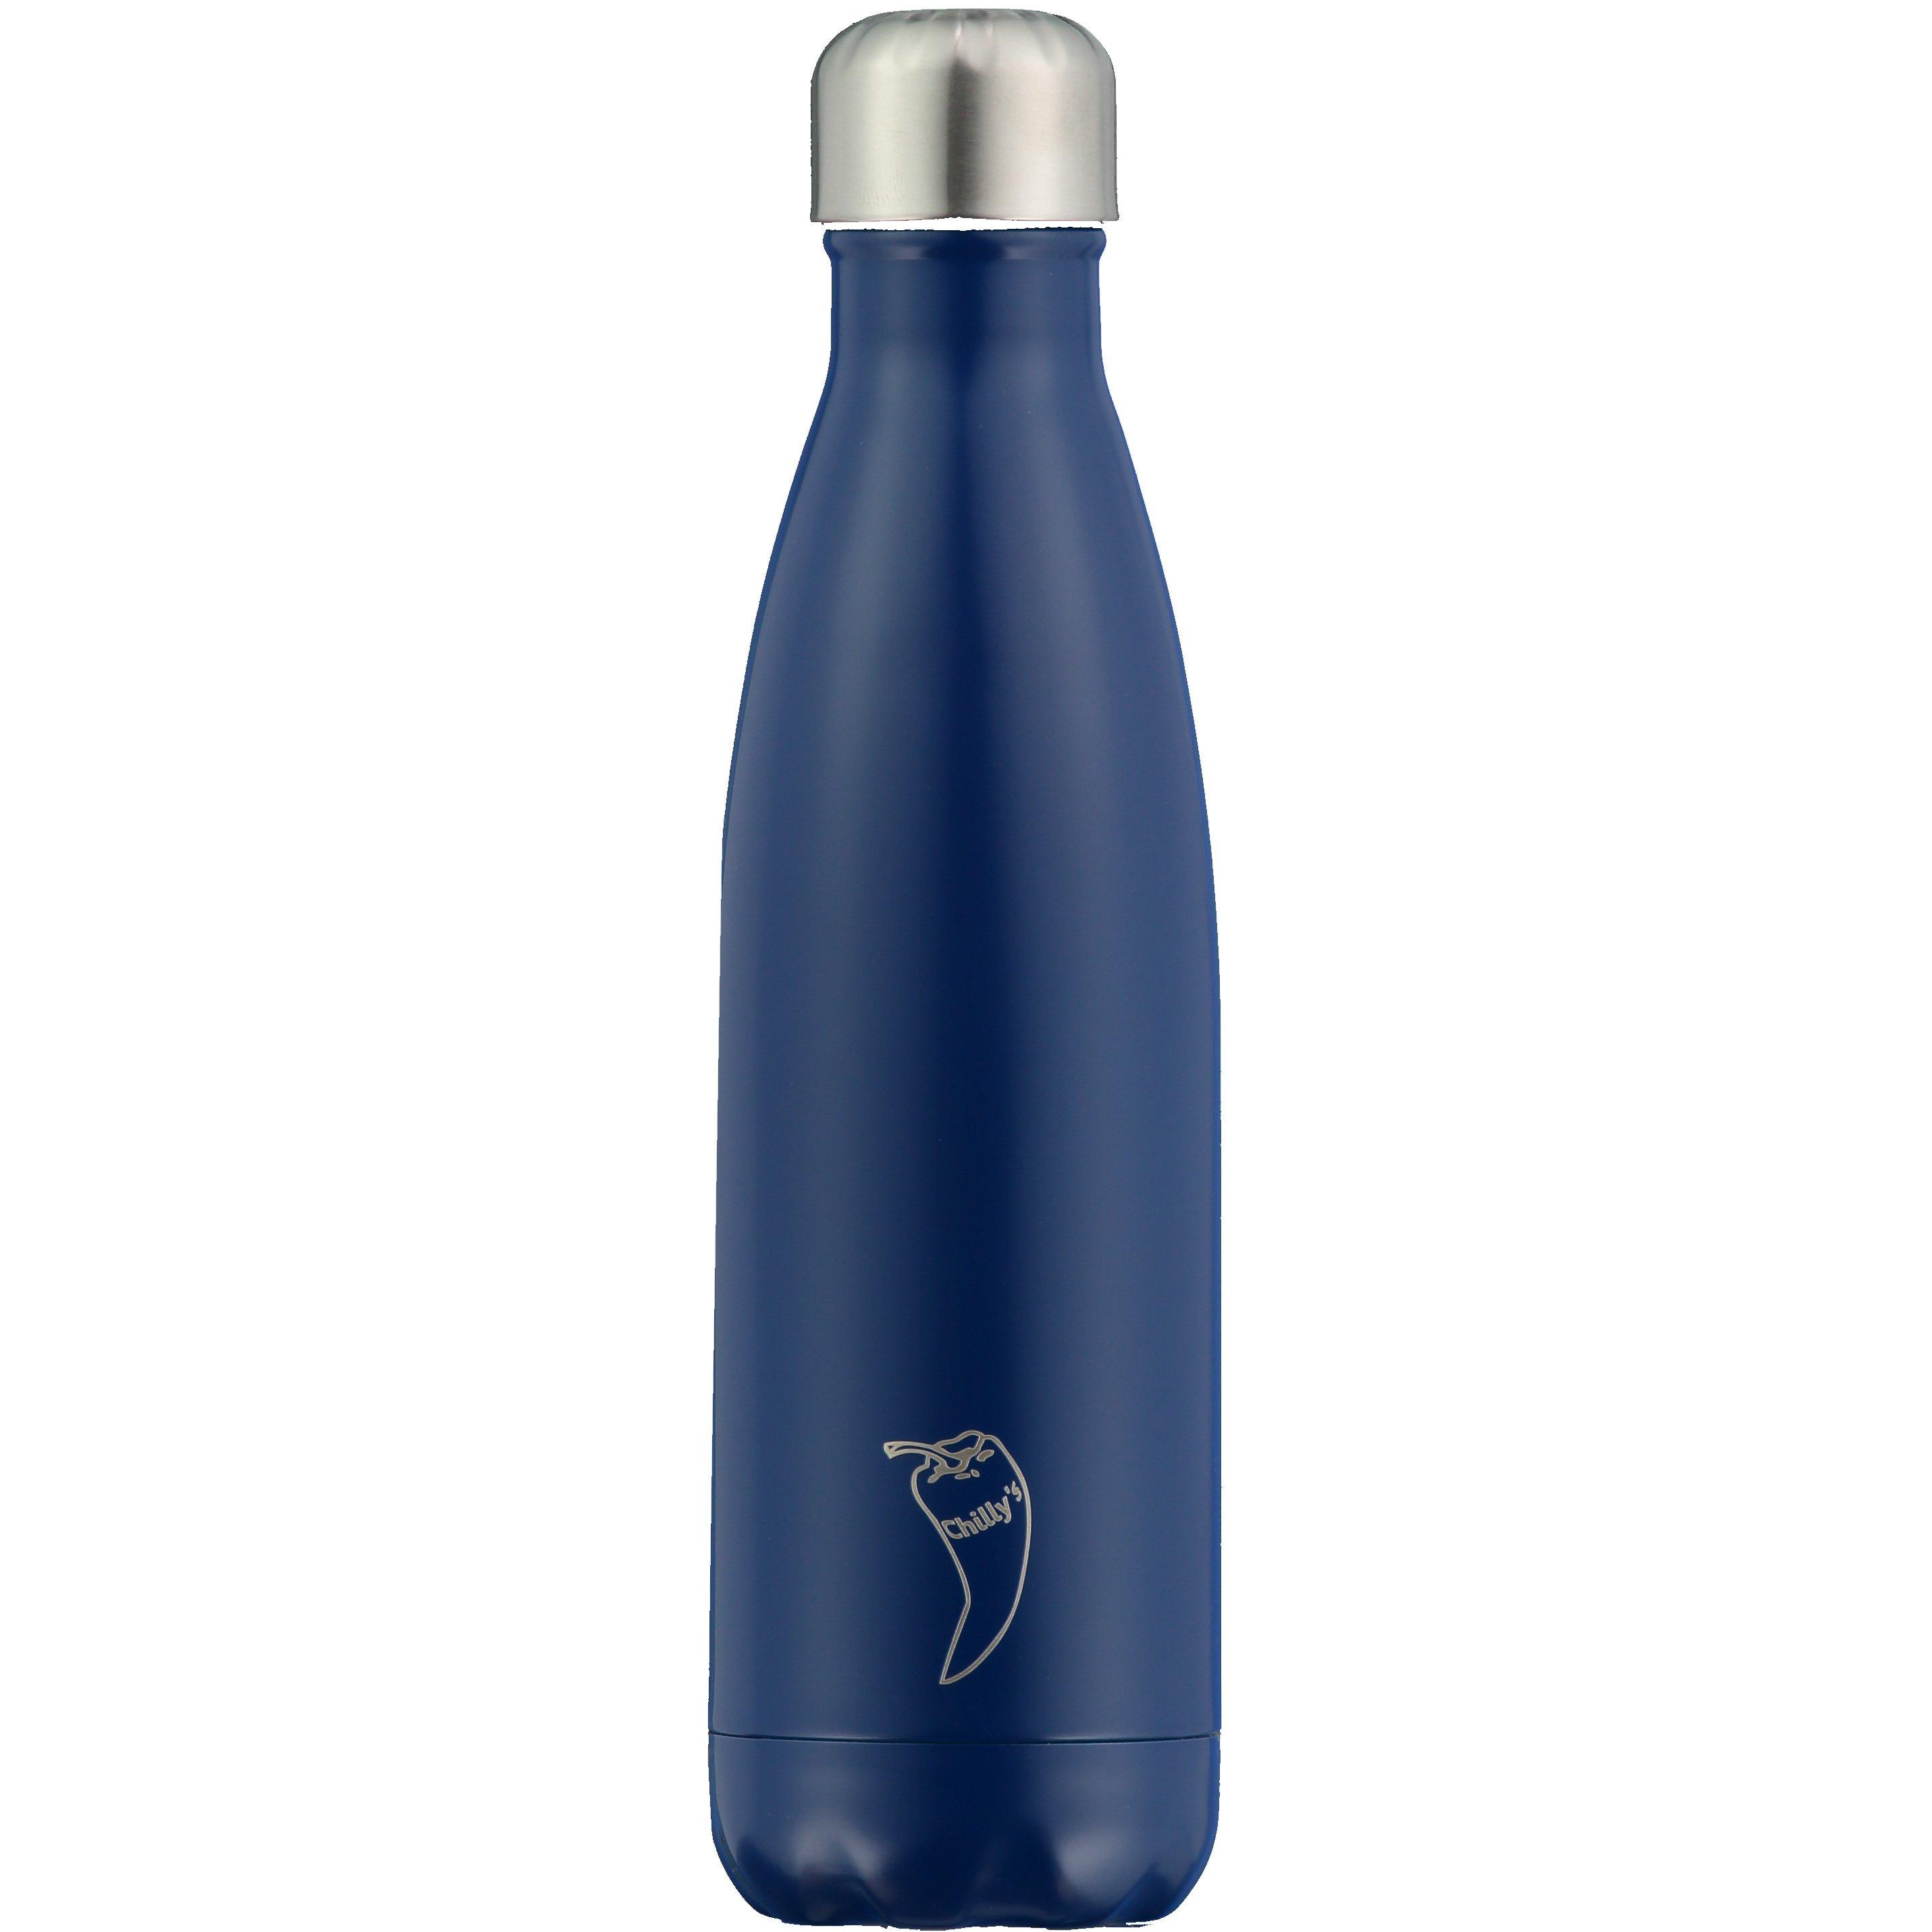 Chilly's Bottle Ανοξείδωτο Θερμός 500ml – Μπλε Ματ